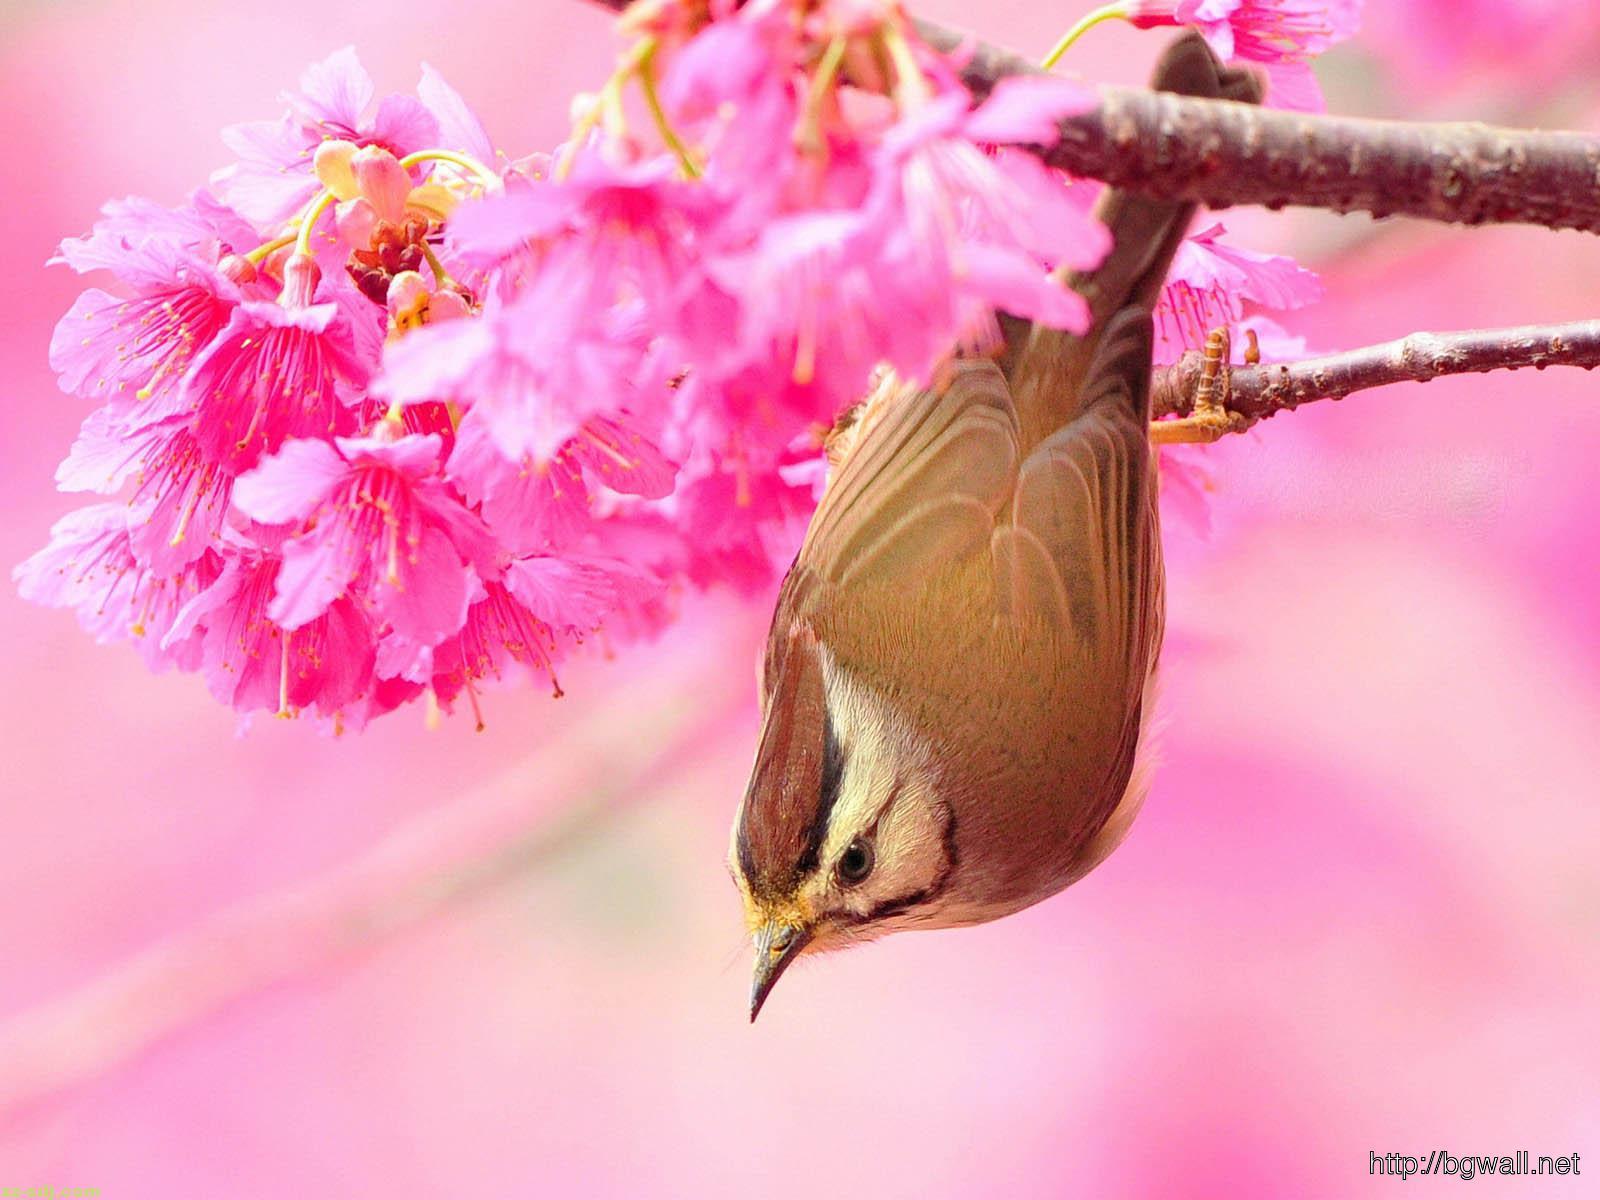 Bird-In-Flowers-Wallpaper-Free